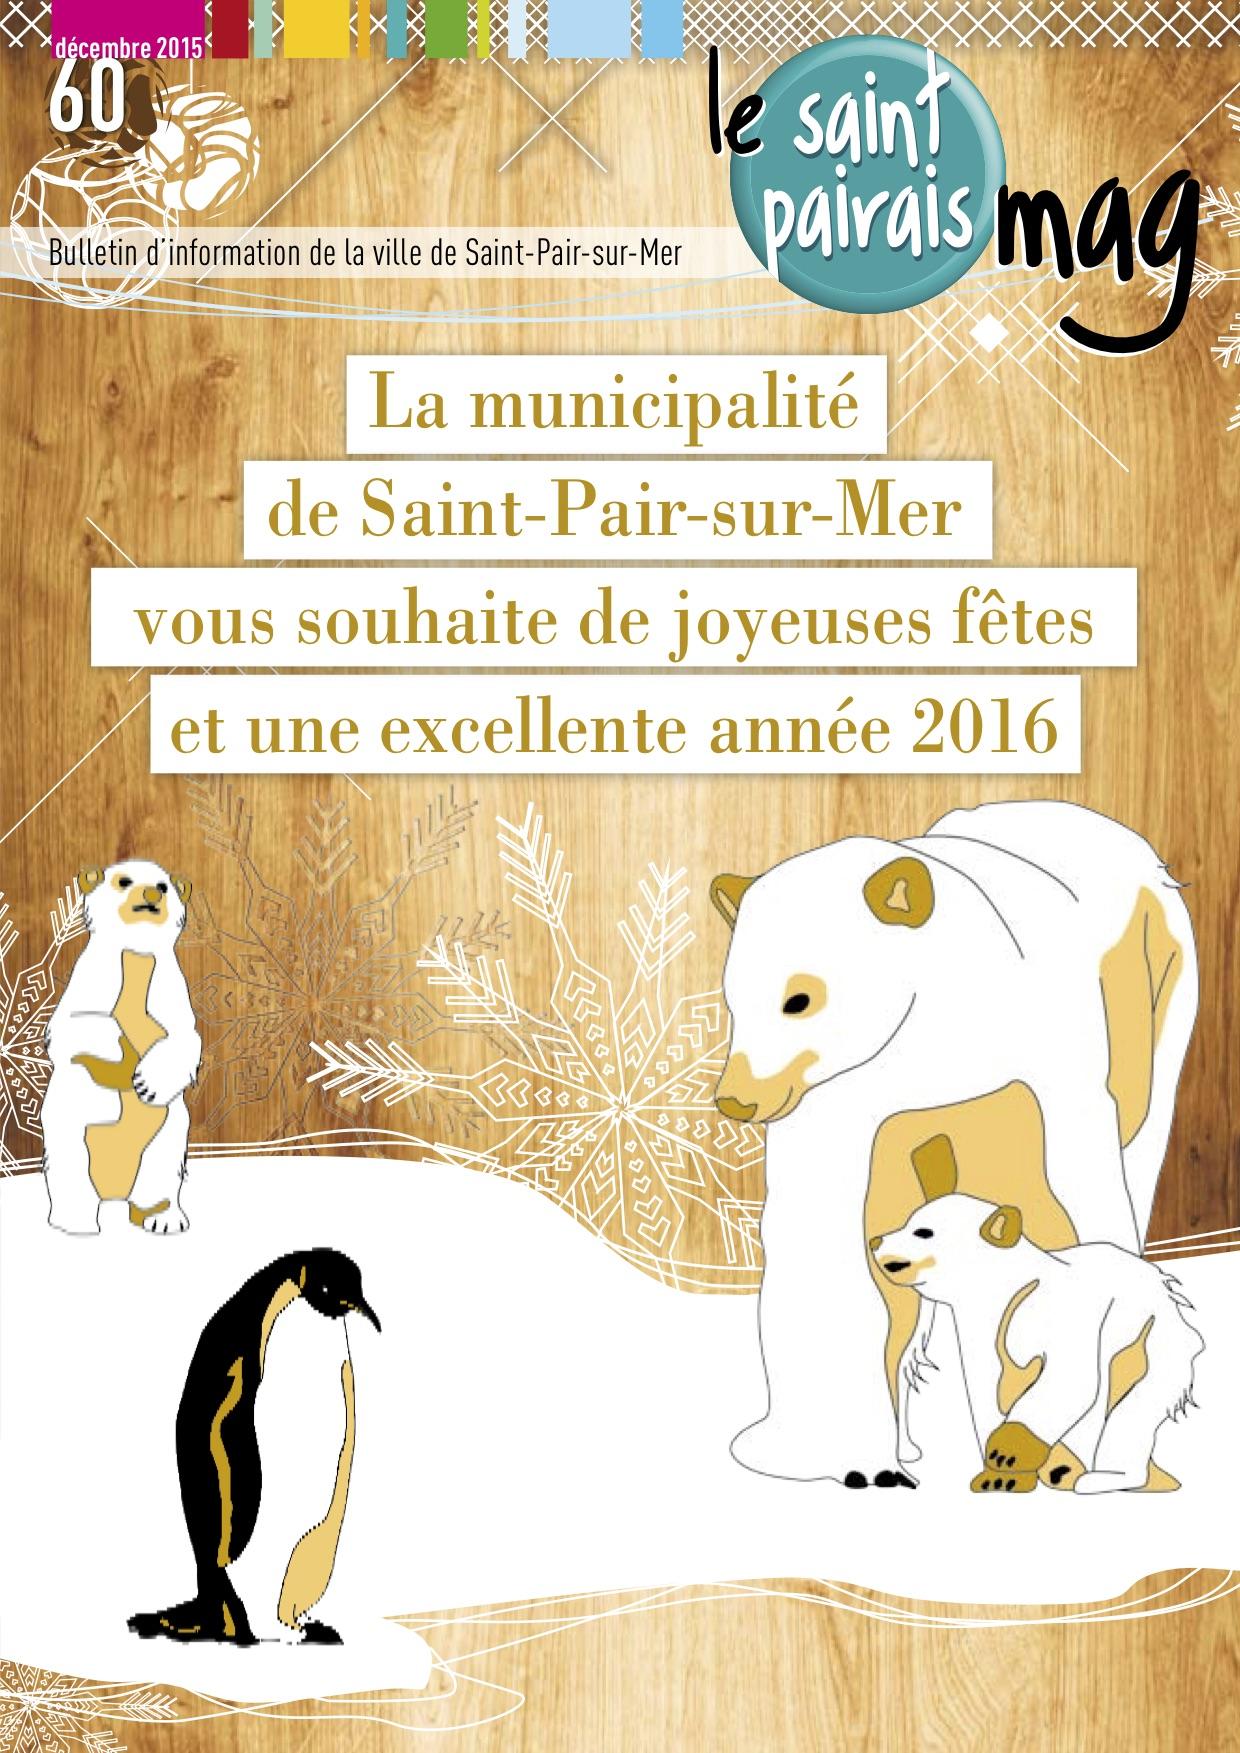 Saint Pairais Mag n°60